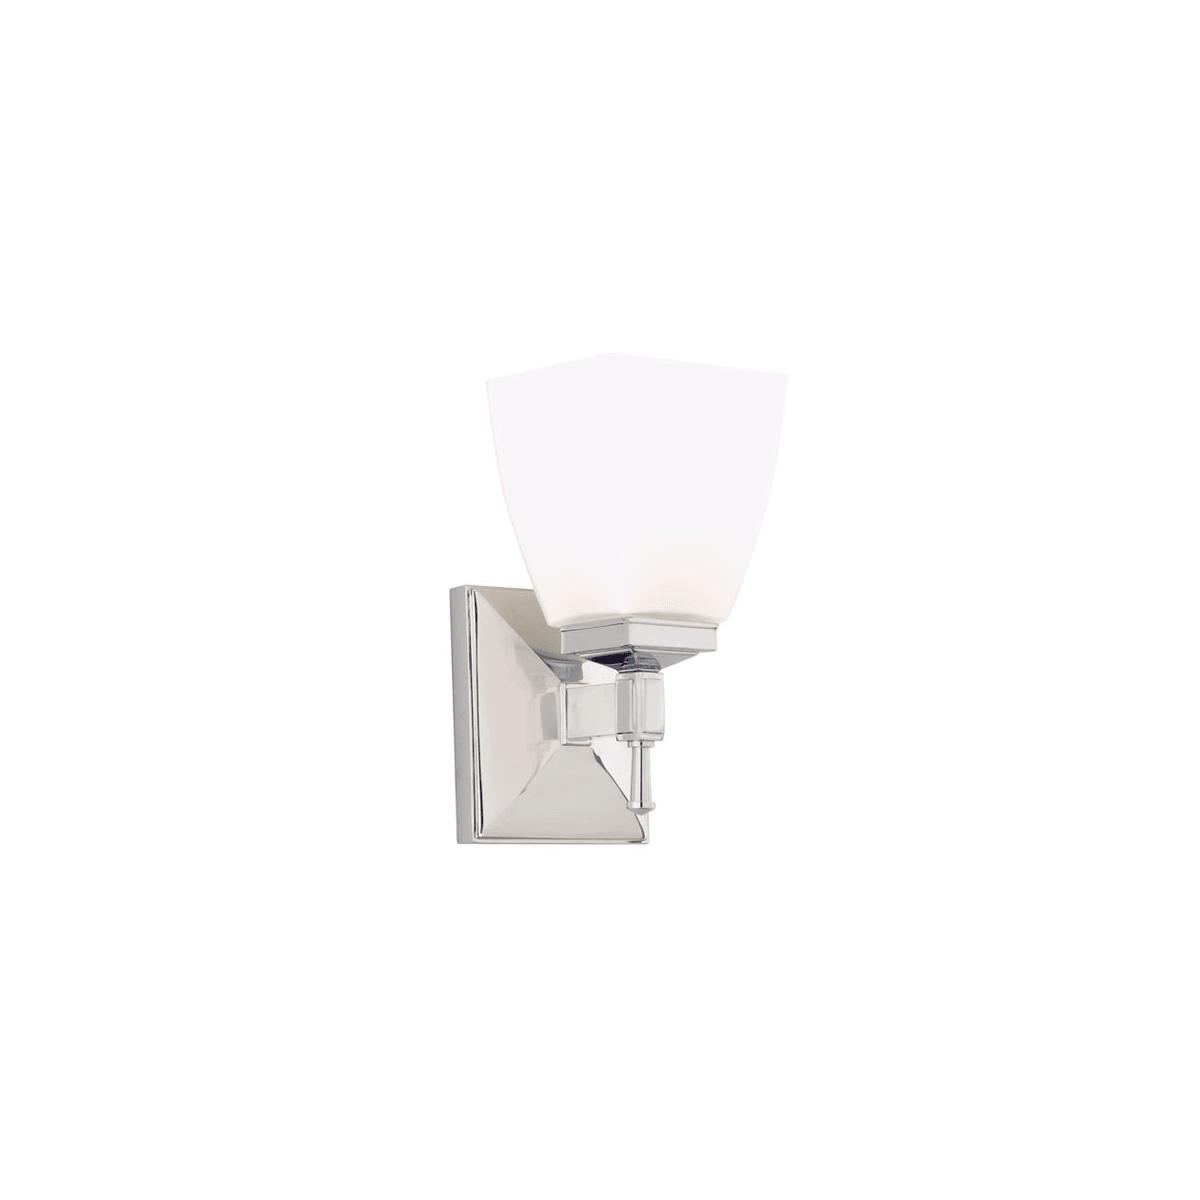 Hudson valley lighting 651 kent indoor lighting